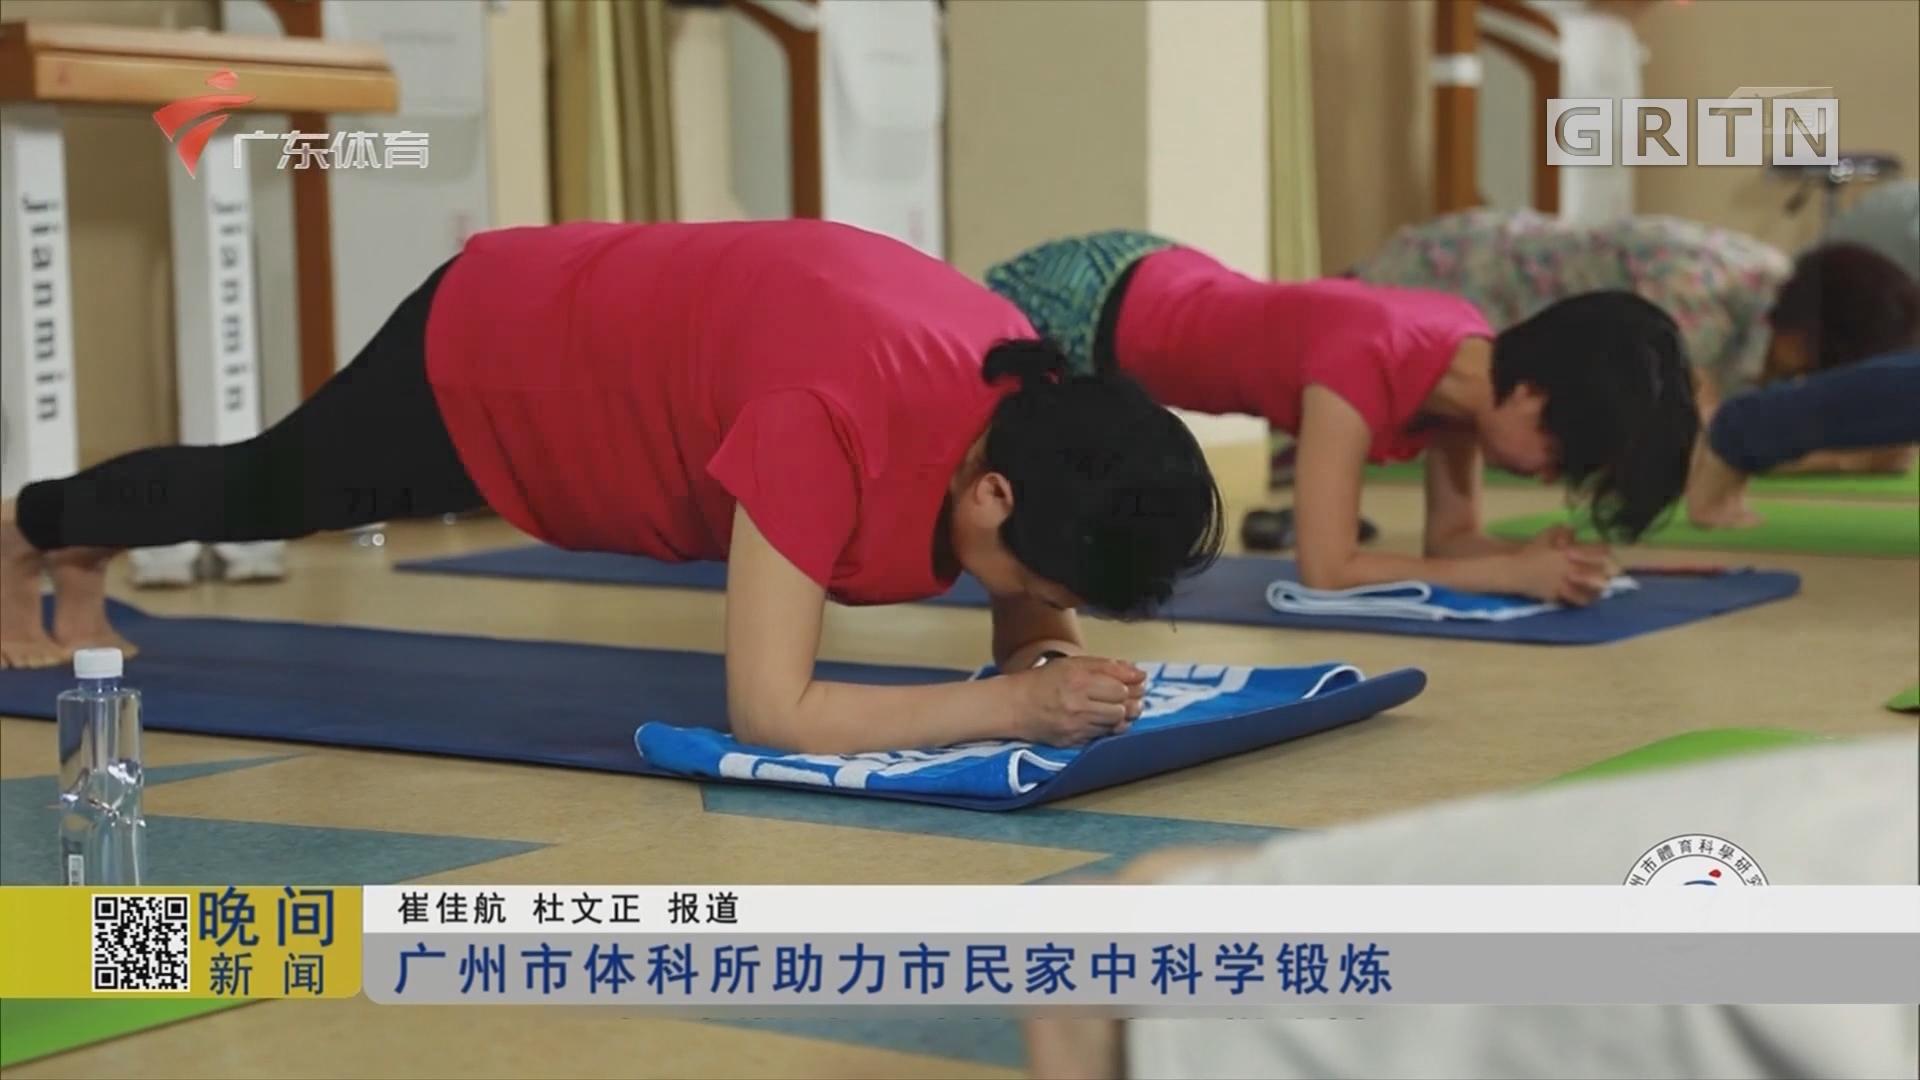 广州市体科所助力市民家中科学锻炼